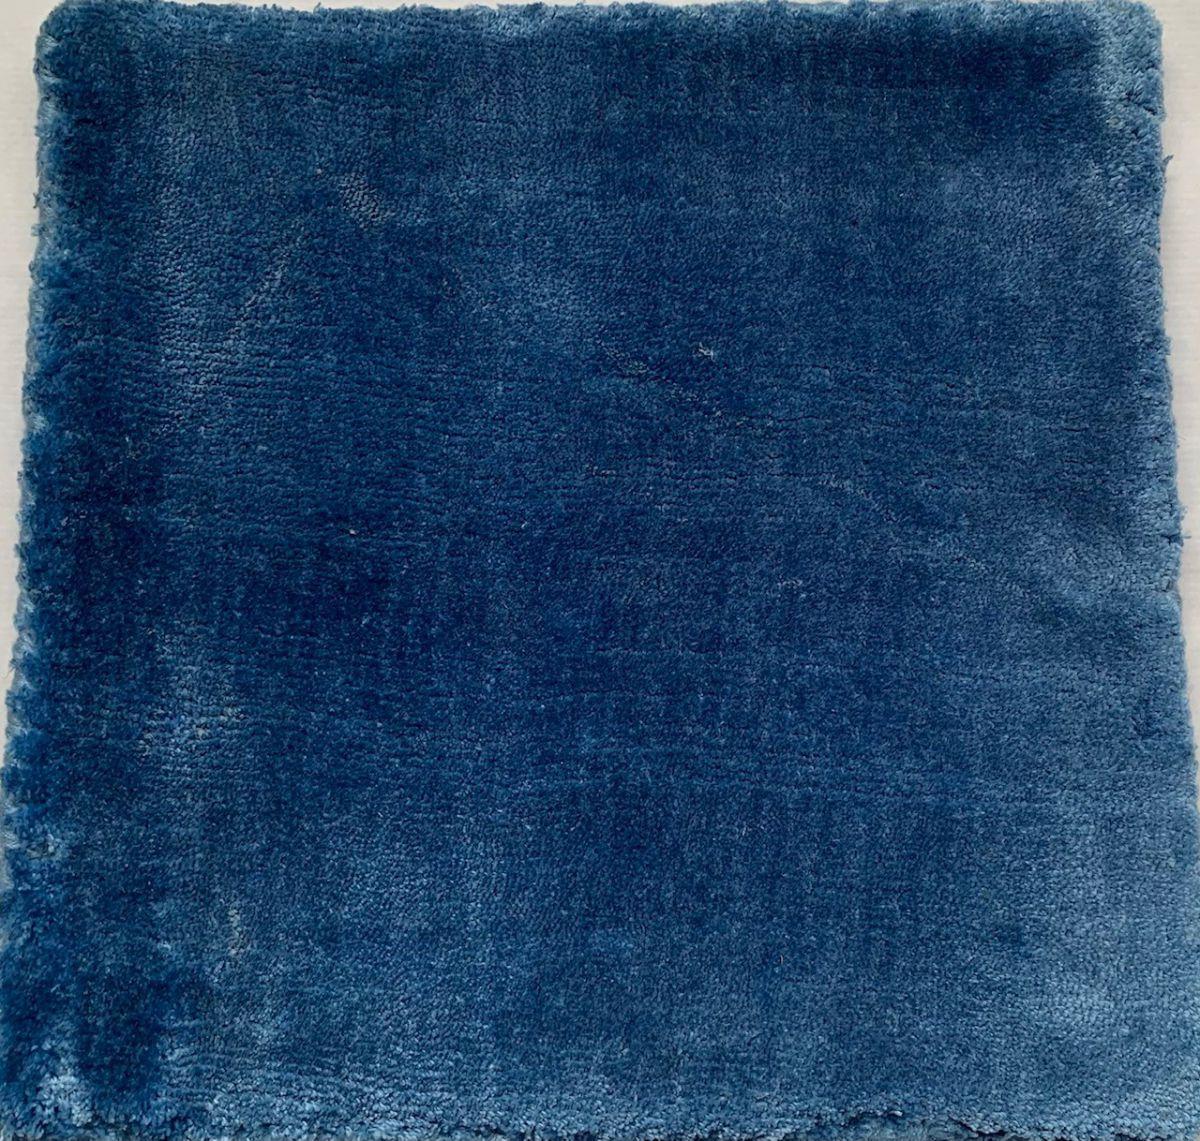 vloerkleed tencel blauw rond 200cm